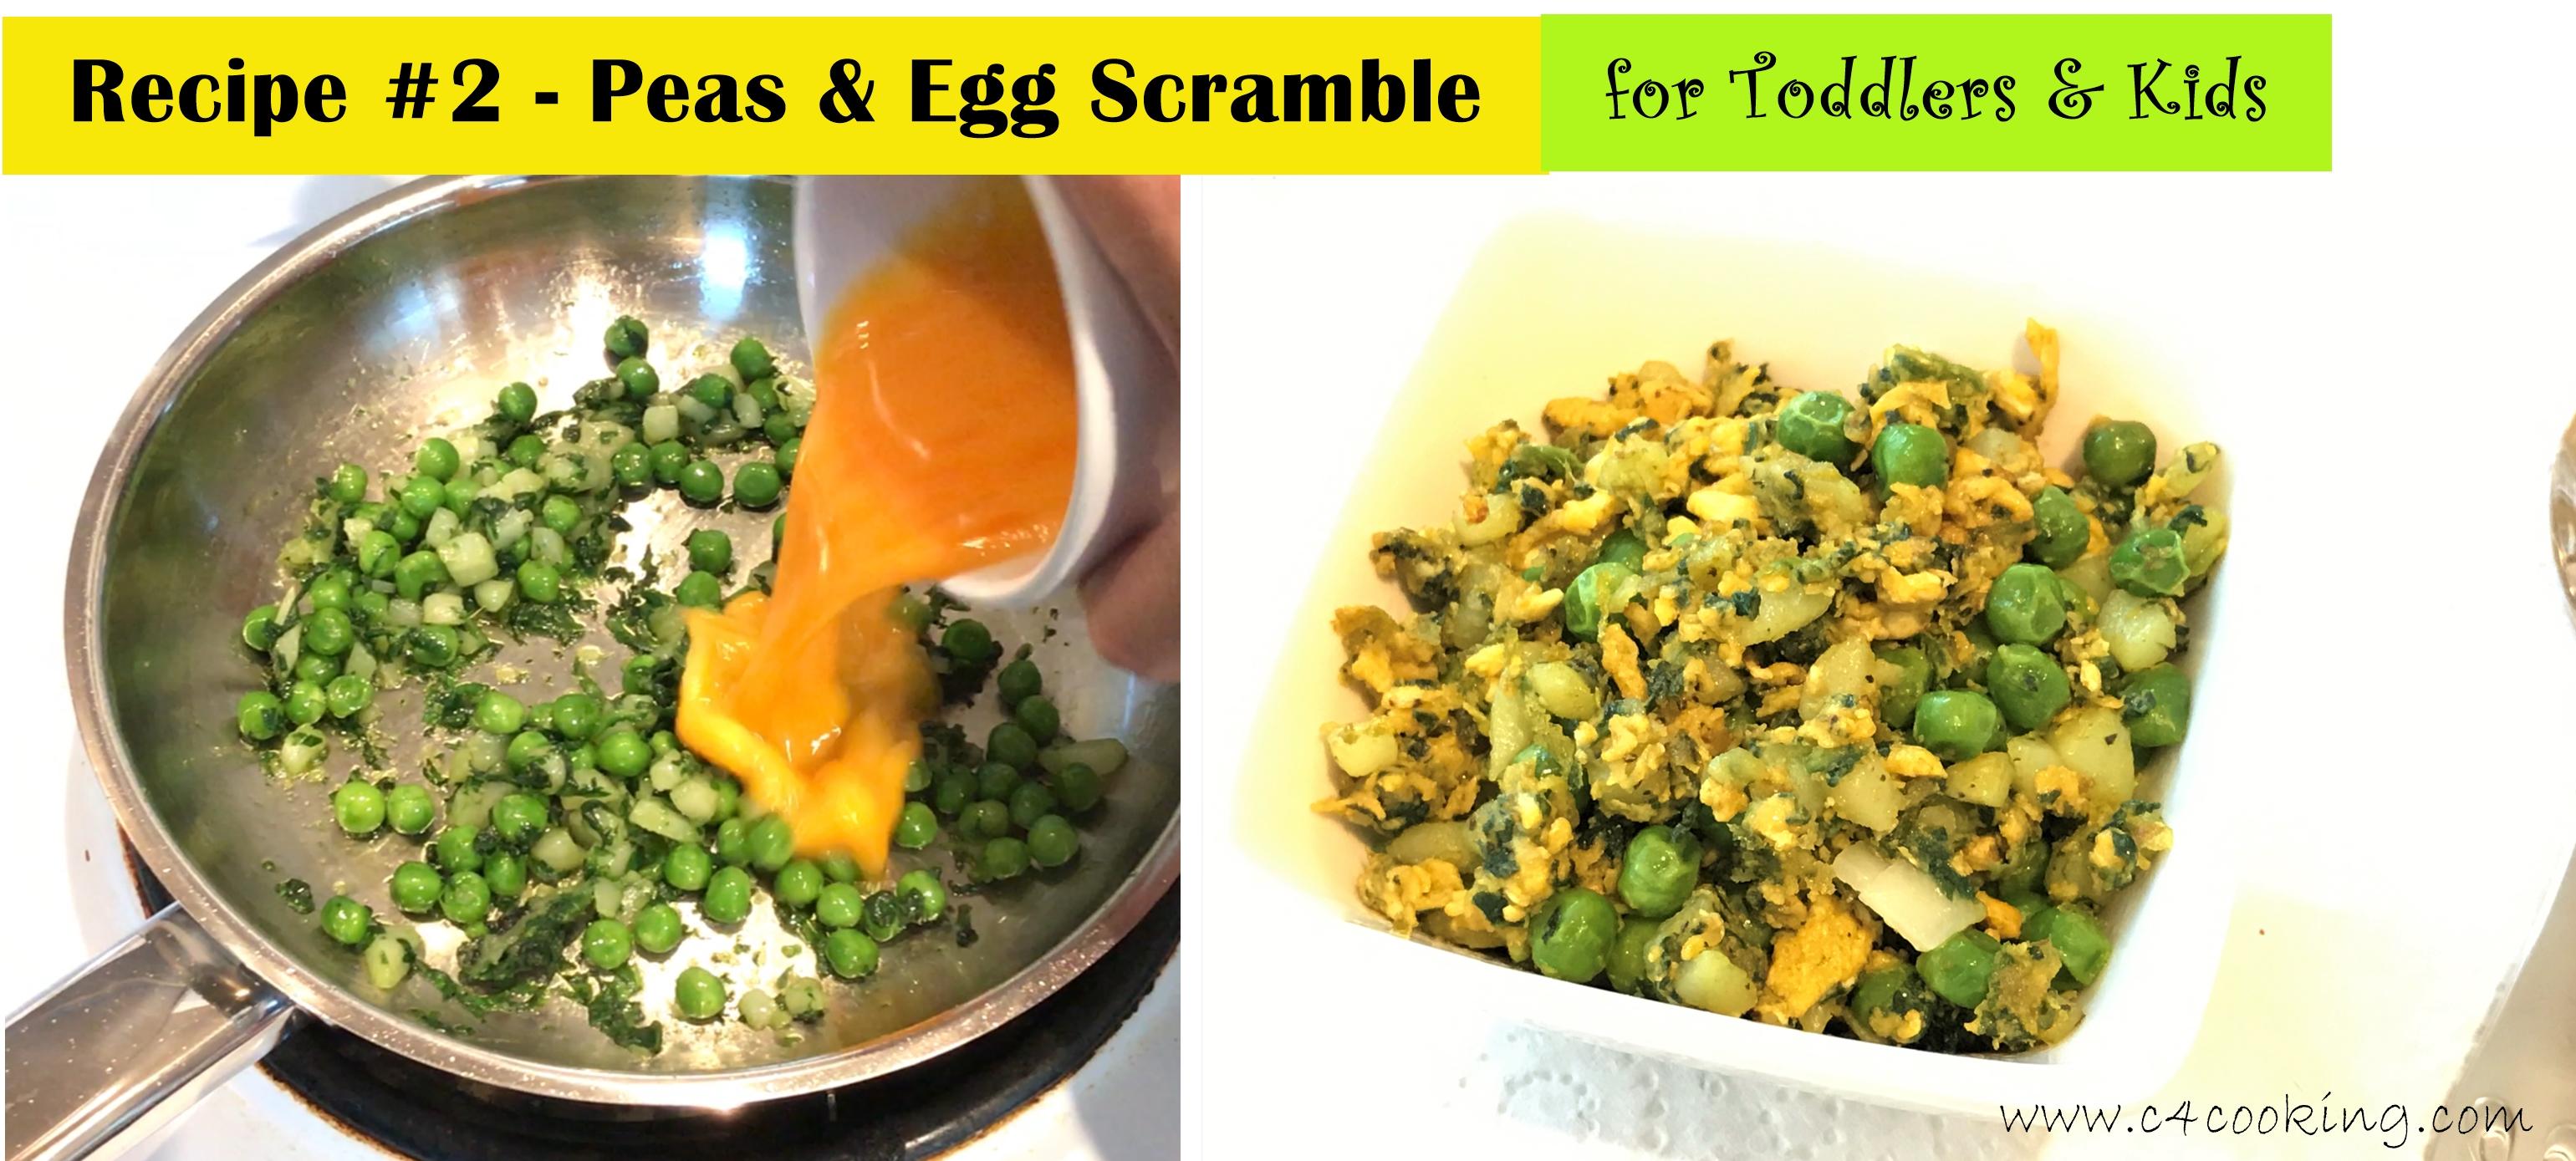 peas egg scramble toddler kids recipe